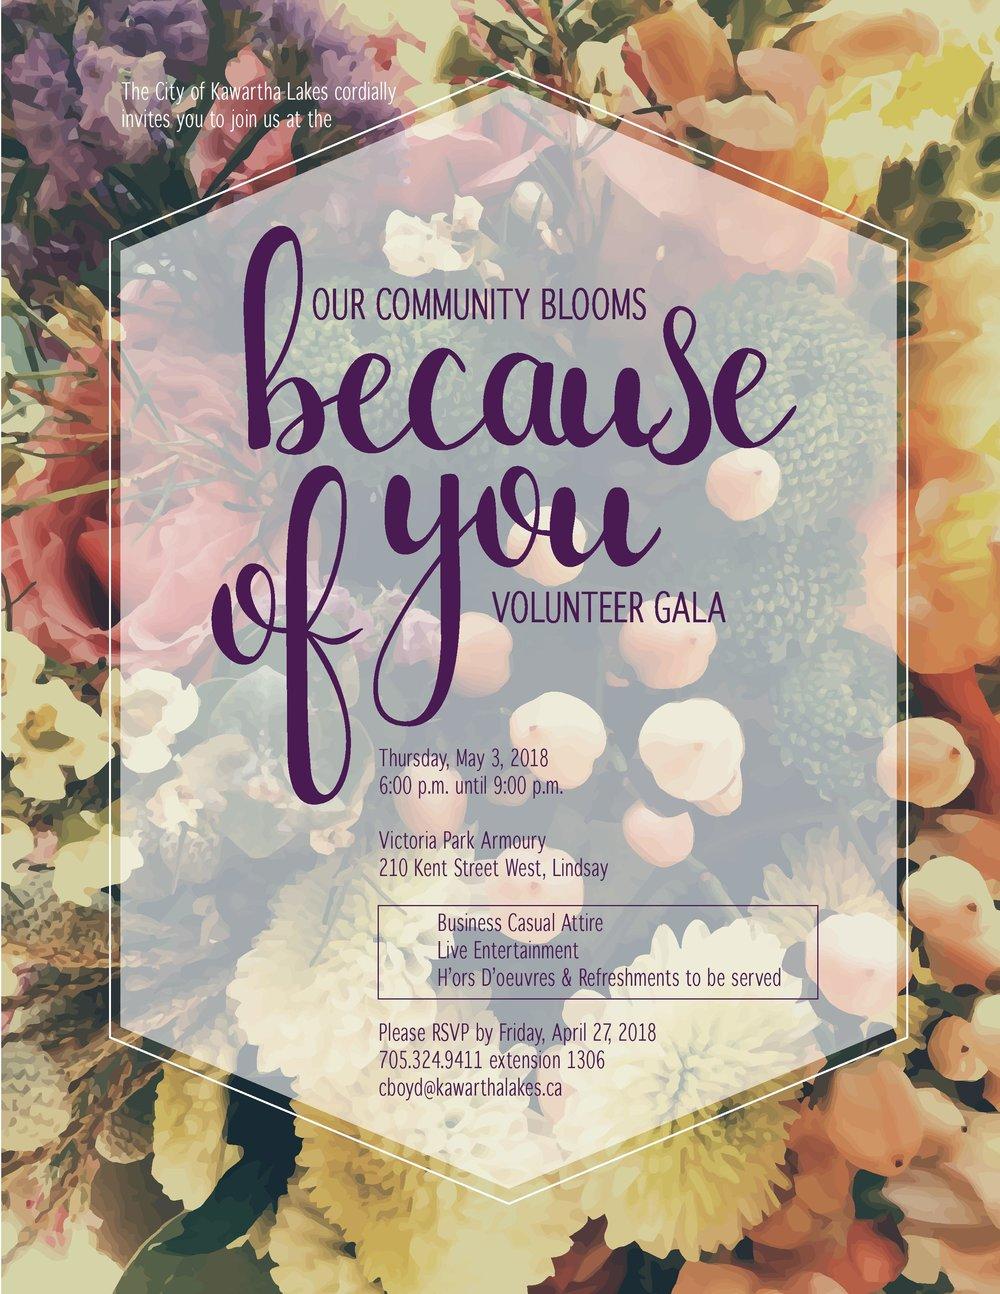 Our Community Blooms_Volunteer Gala